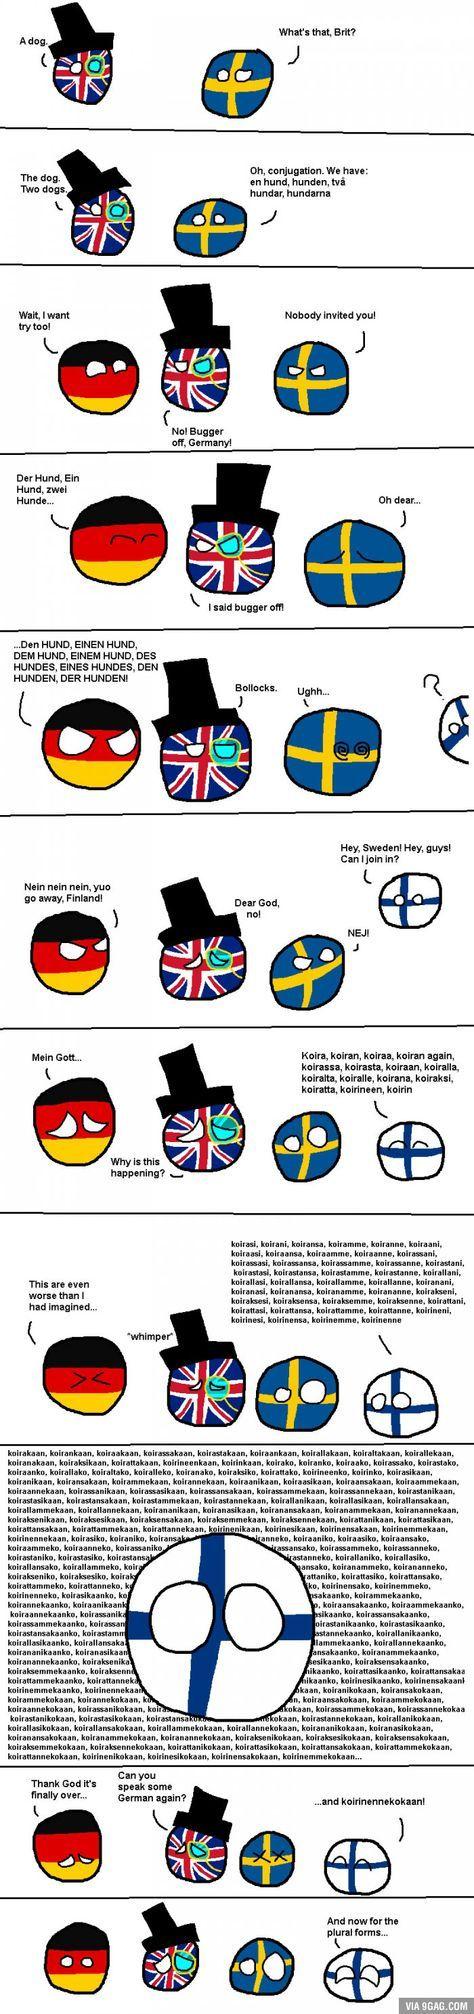 Countryball: Finnish grammar, thou art a bitch